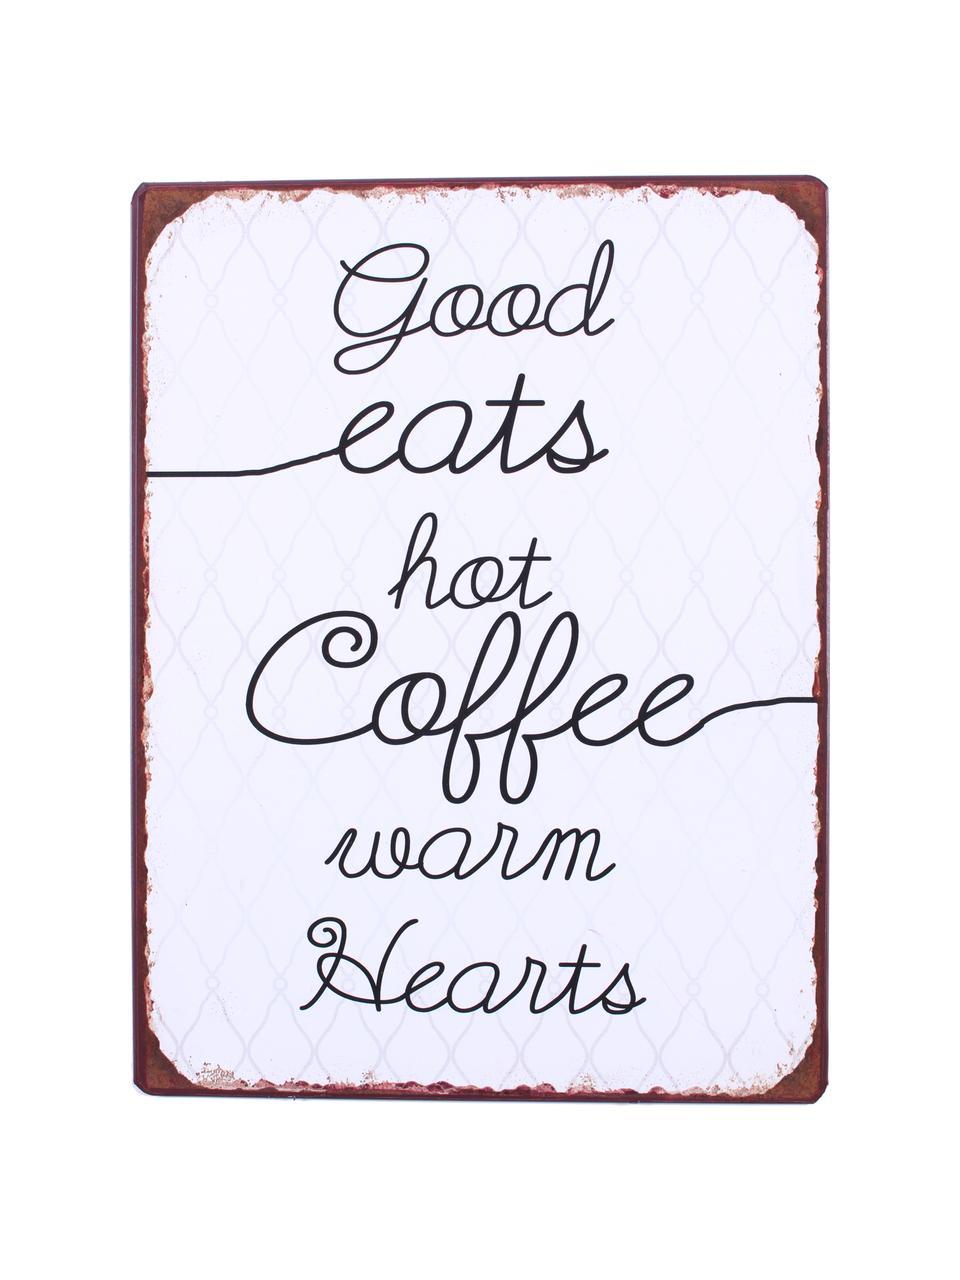 Wandschild Good eats, hot coffee, warm hearts, Metall, beschichtet, Weiß, Schwarz, Braun, 27 x 35 cm